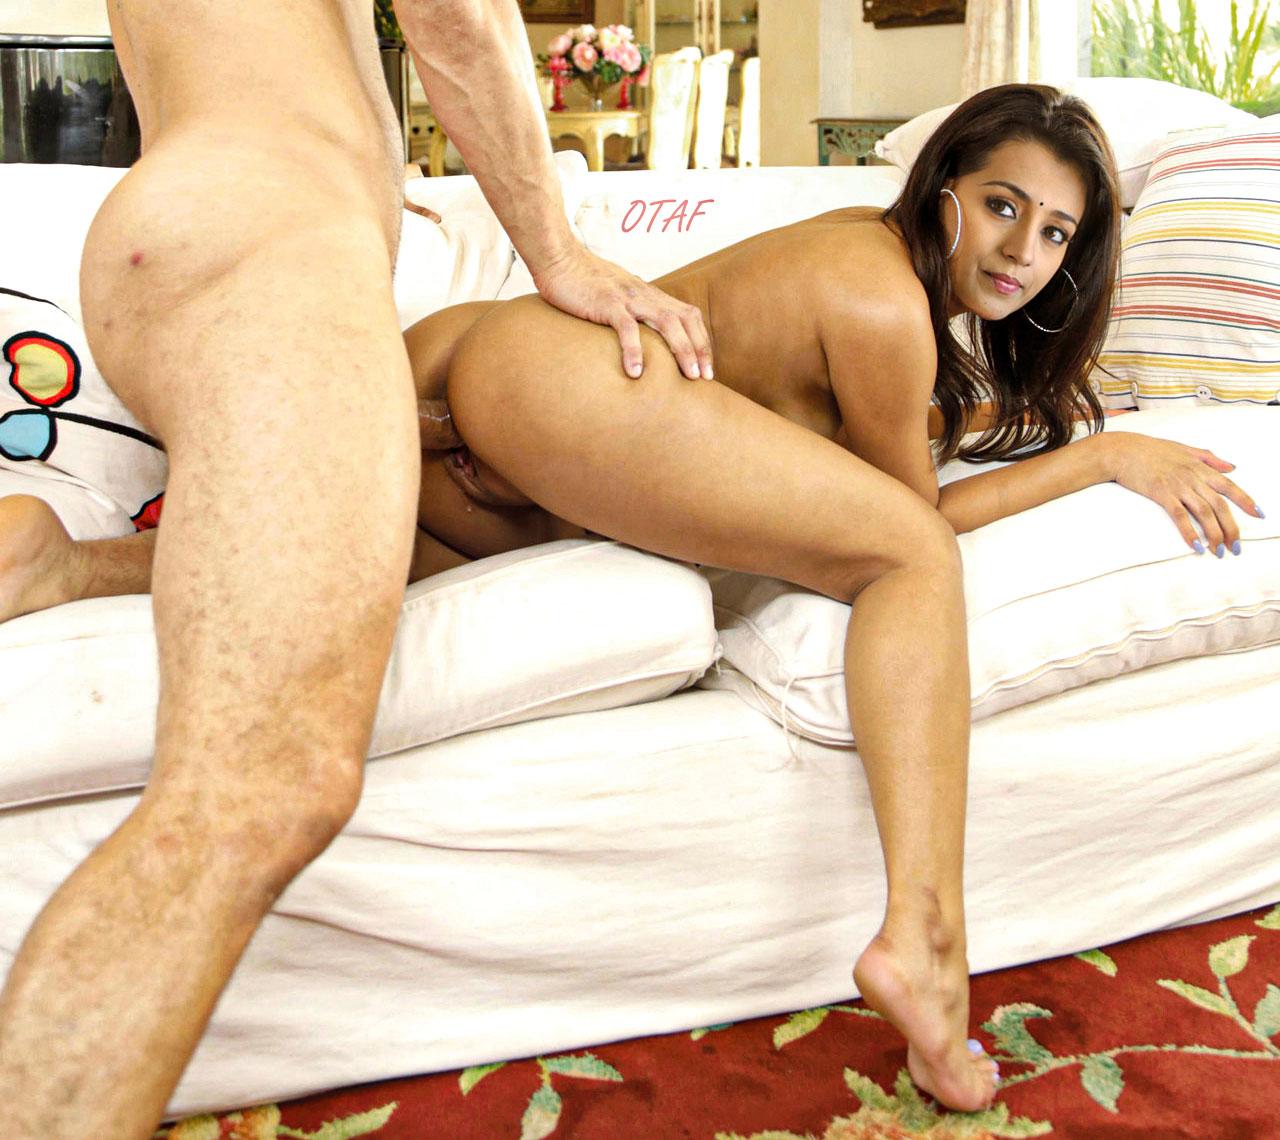 Hot Trisha doggy style ass fucking casting sex image